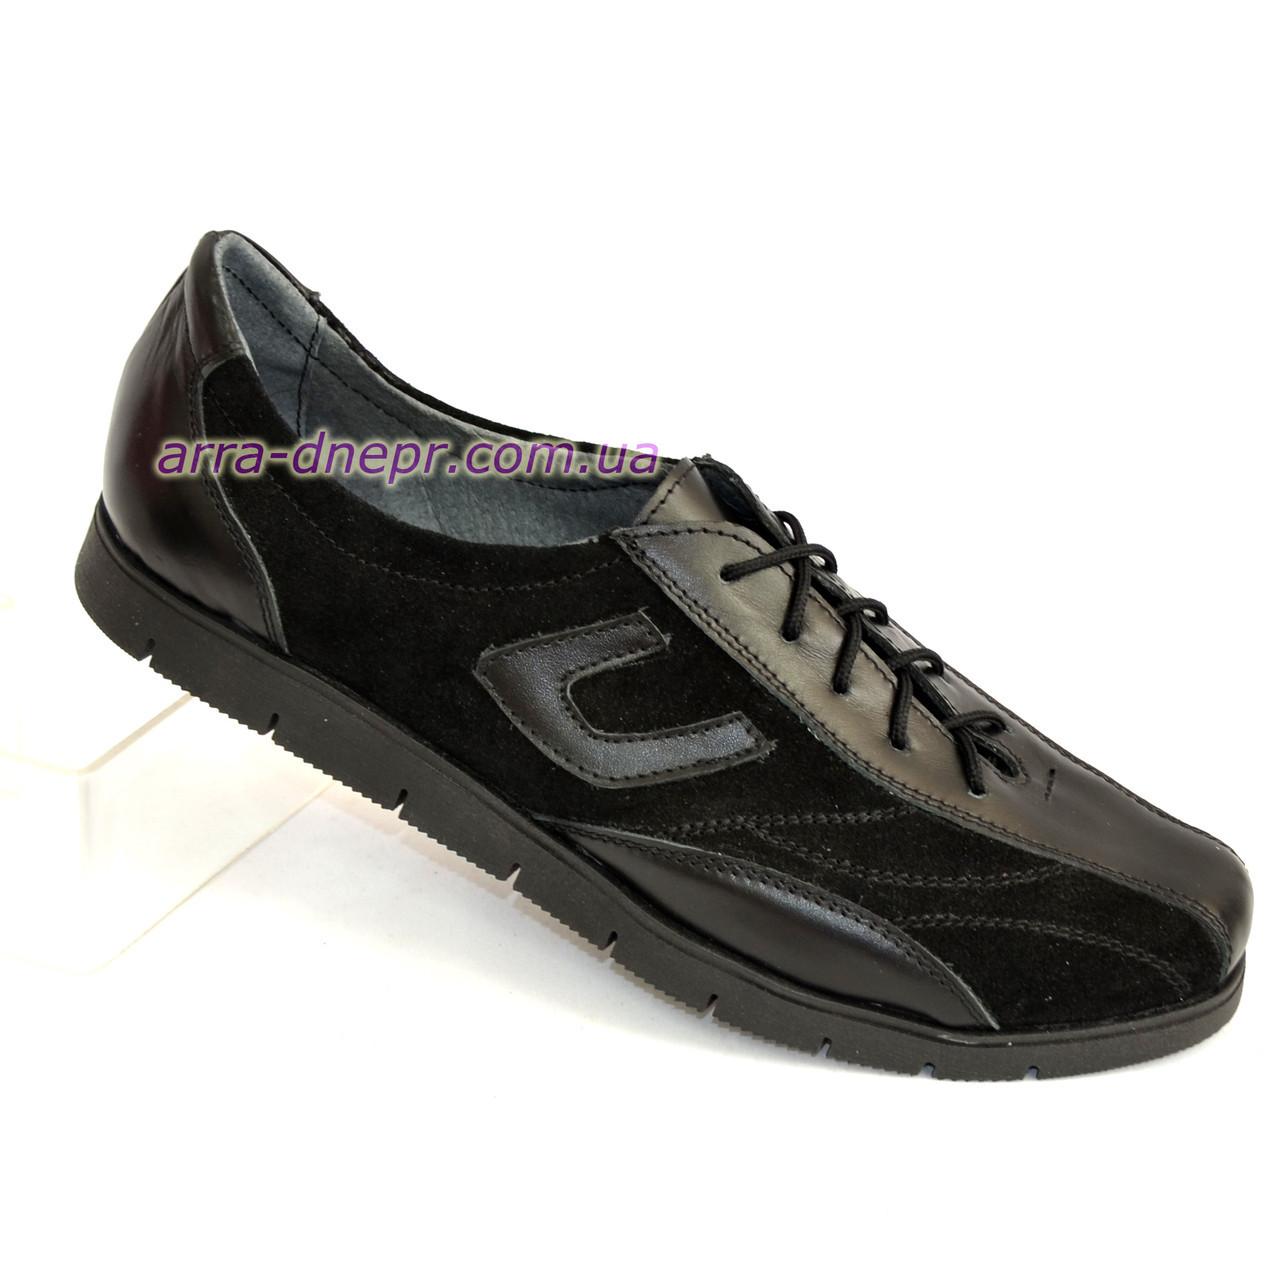 """Женские кроссовки на шнуровке, комбинированные - натуральная кожа и замш черного цвета. ТМ """"Maestro"""""""